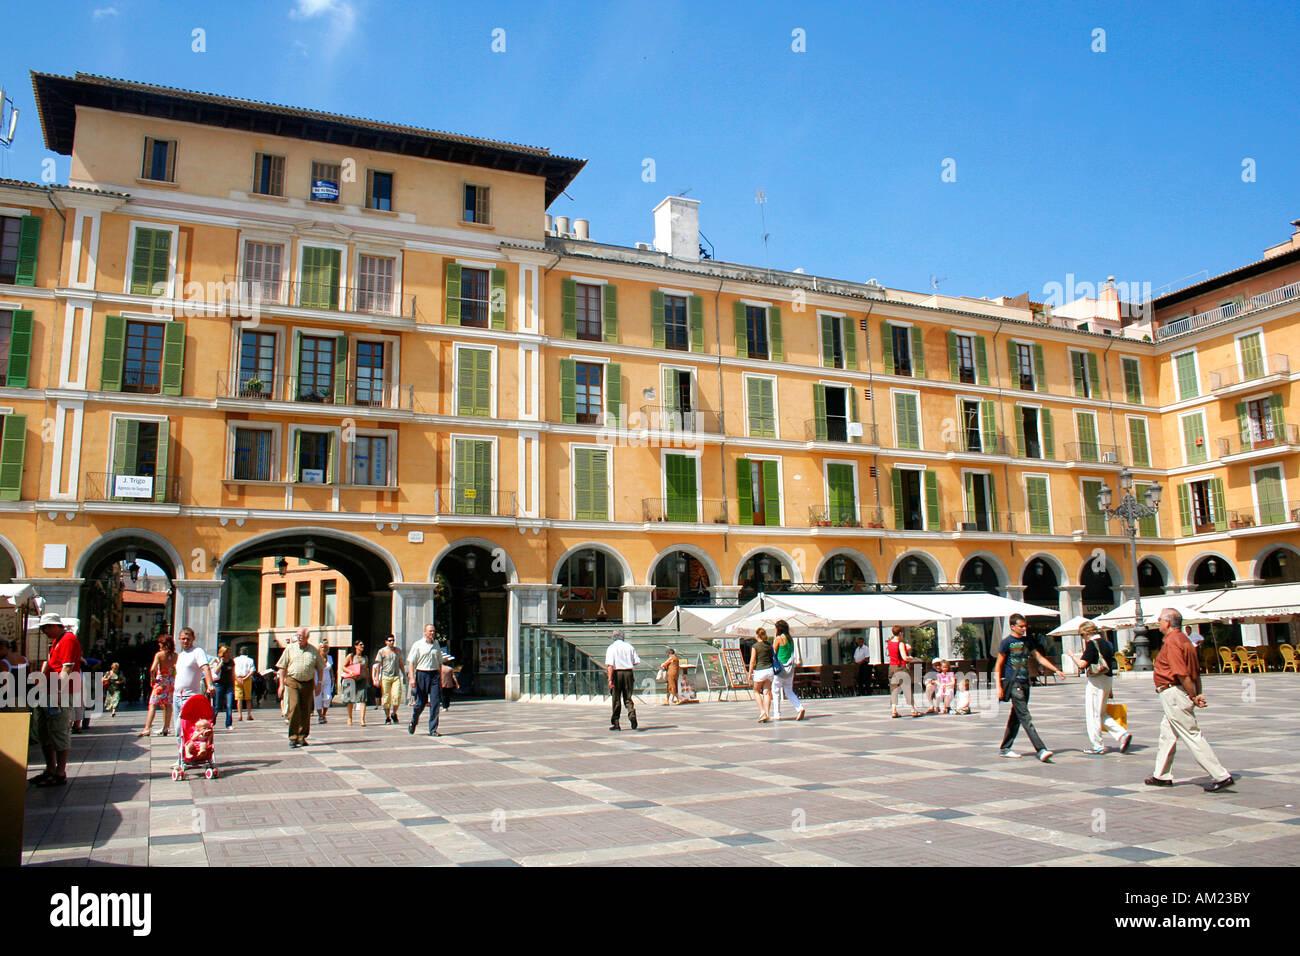 Placa wichtigen, historischen alten Stadt, Palma, Mallorca, Spanien Stockfoto